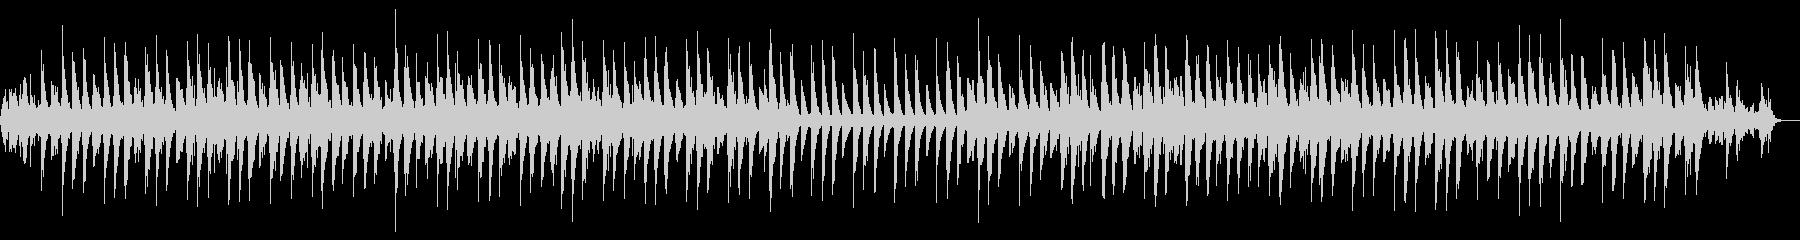 落ち着いた美しい音色のヒーリングBGMの未再生の波形